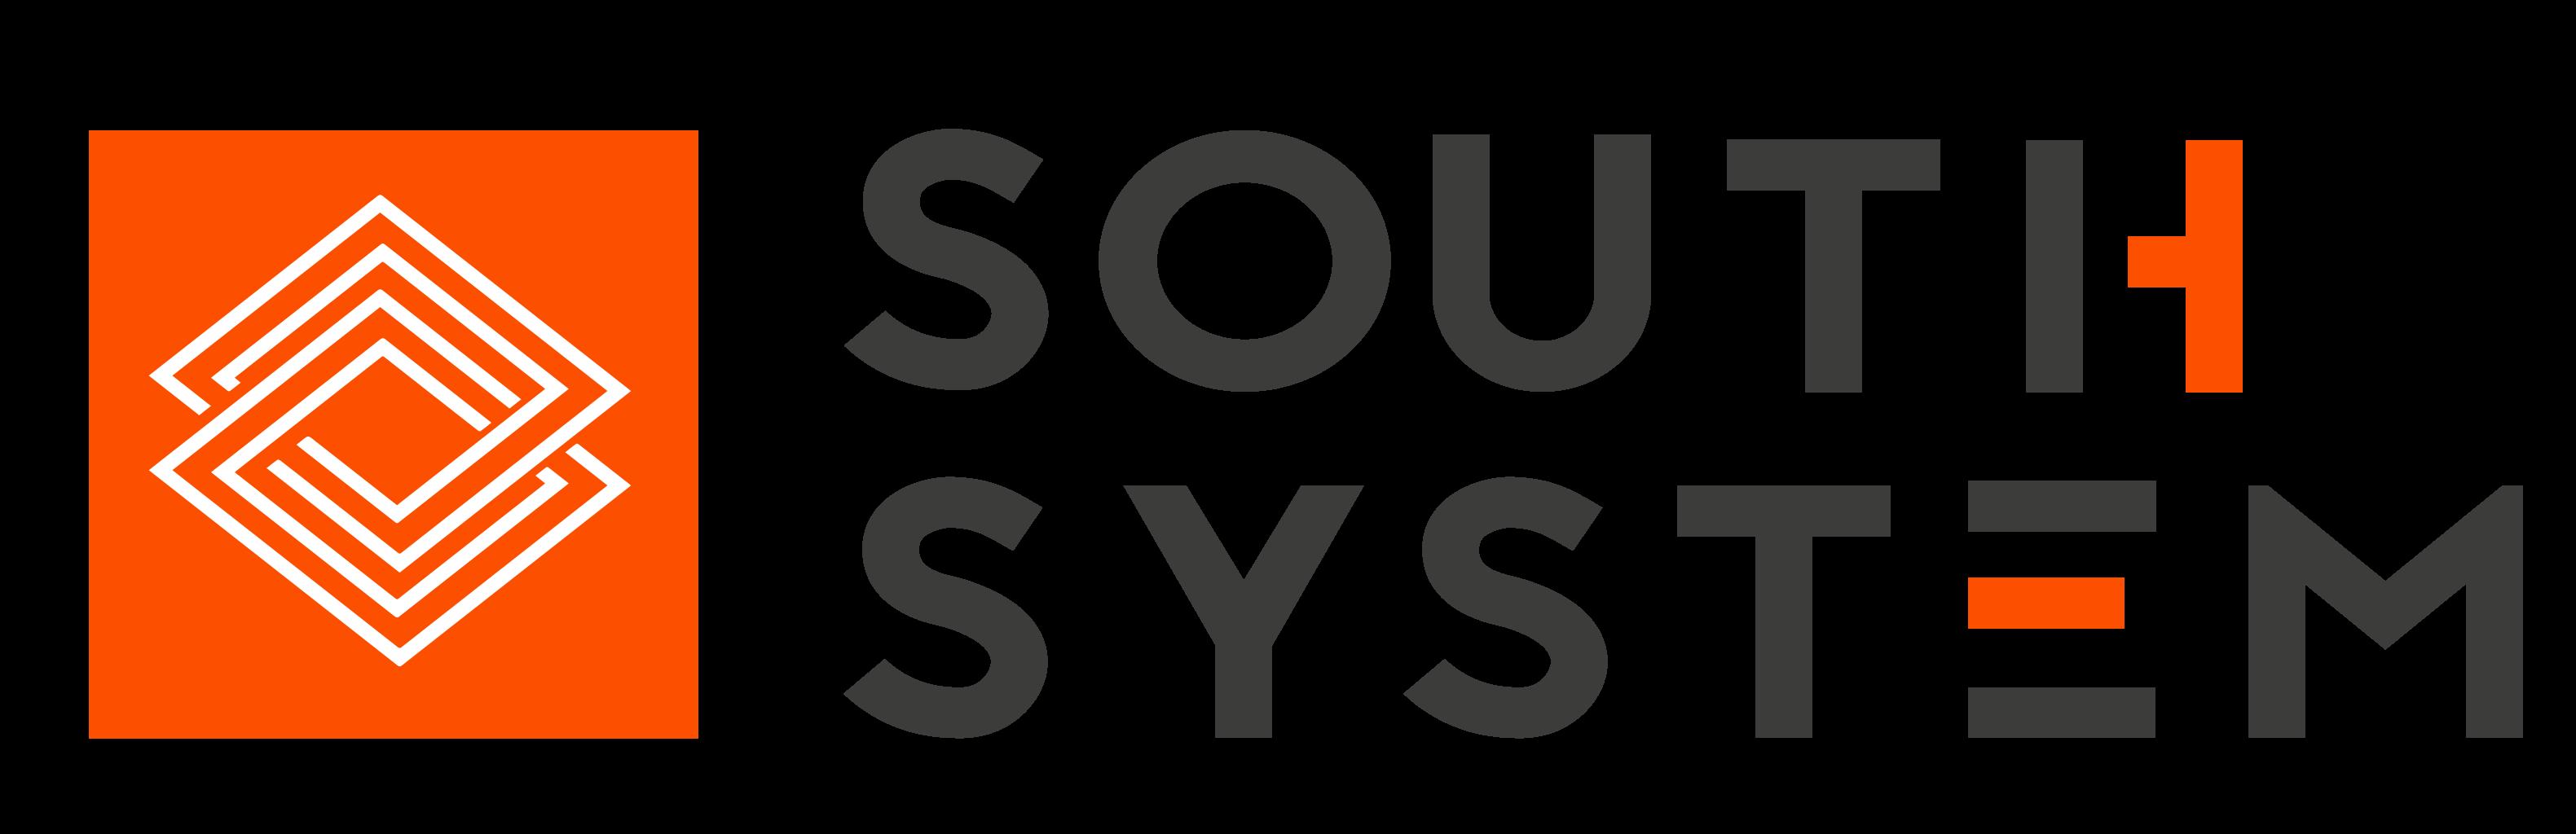 southsystem